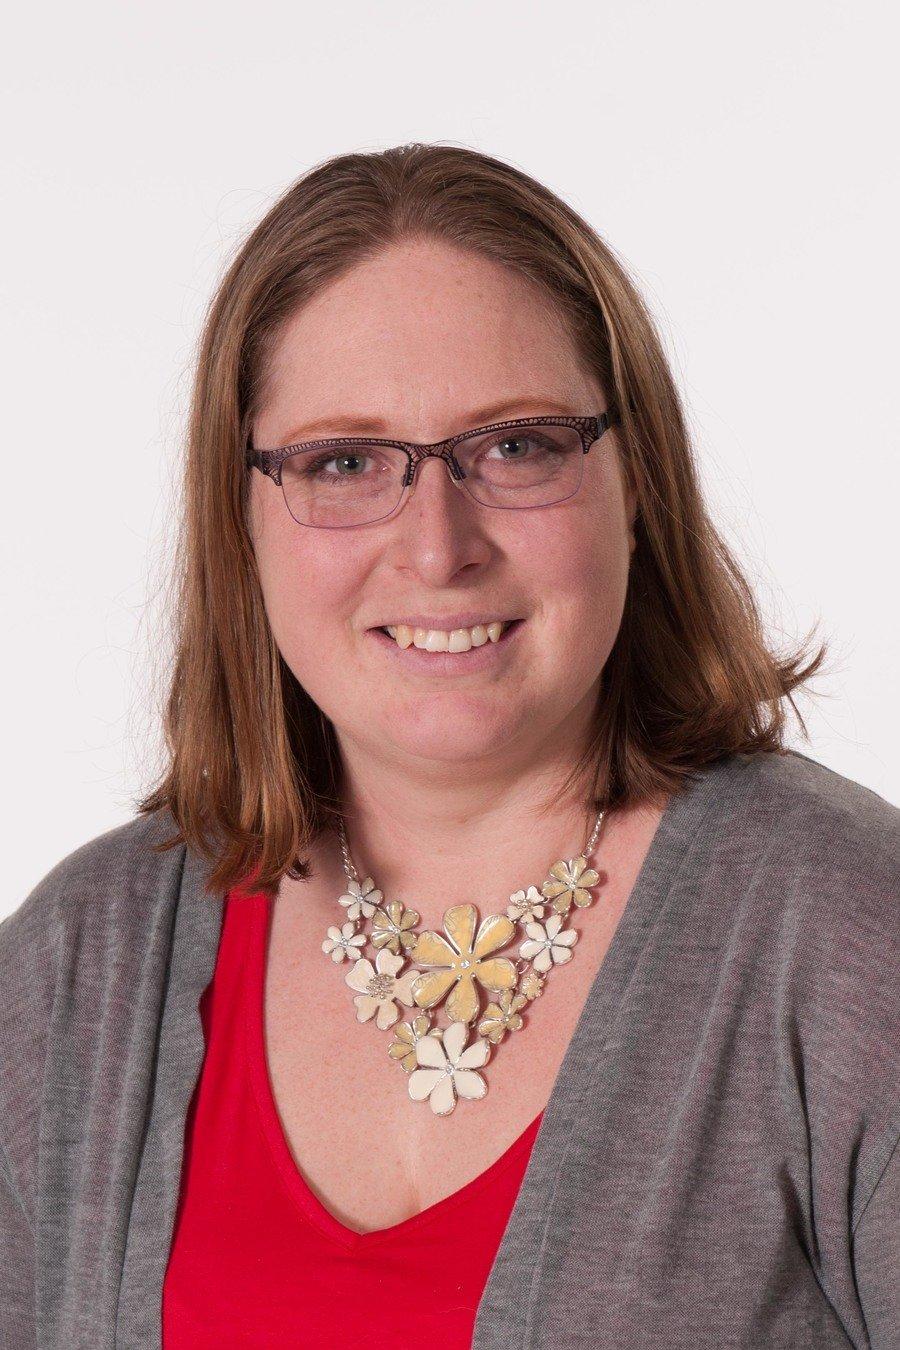 Kiri Stammers; BSc (Hons), QTS: Hawthorn Class Teacher, Year 4 Lead and LT staff